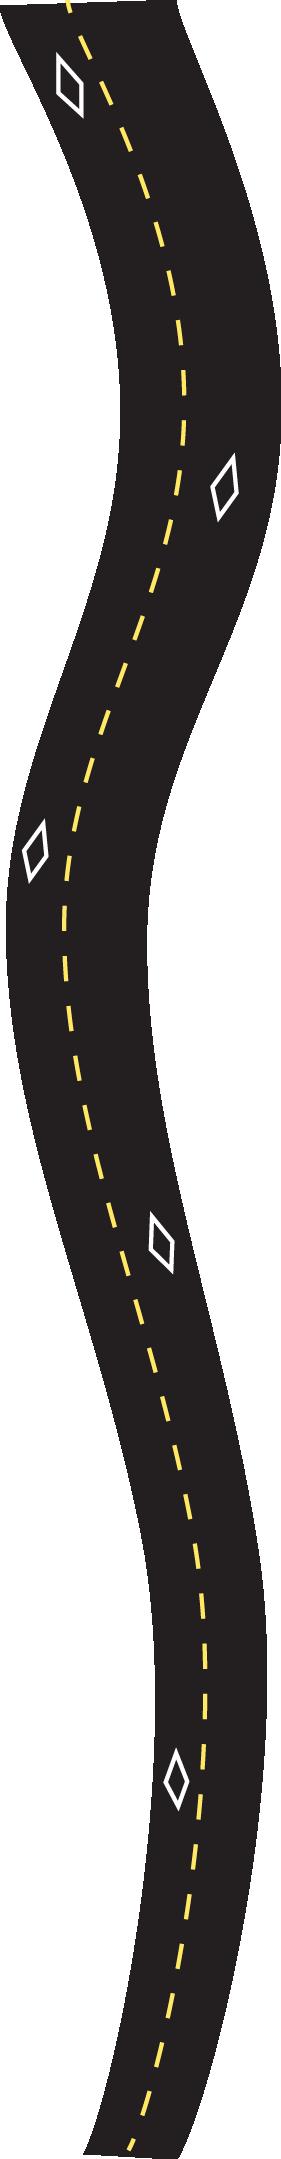 HOV road lane